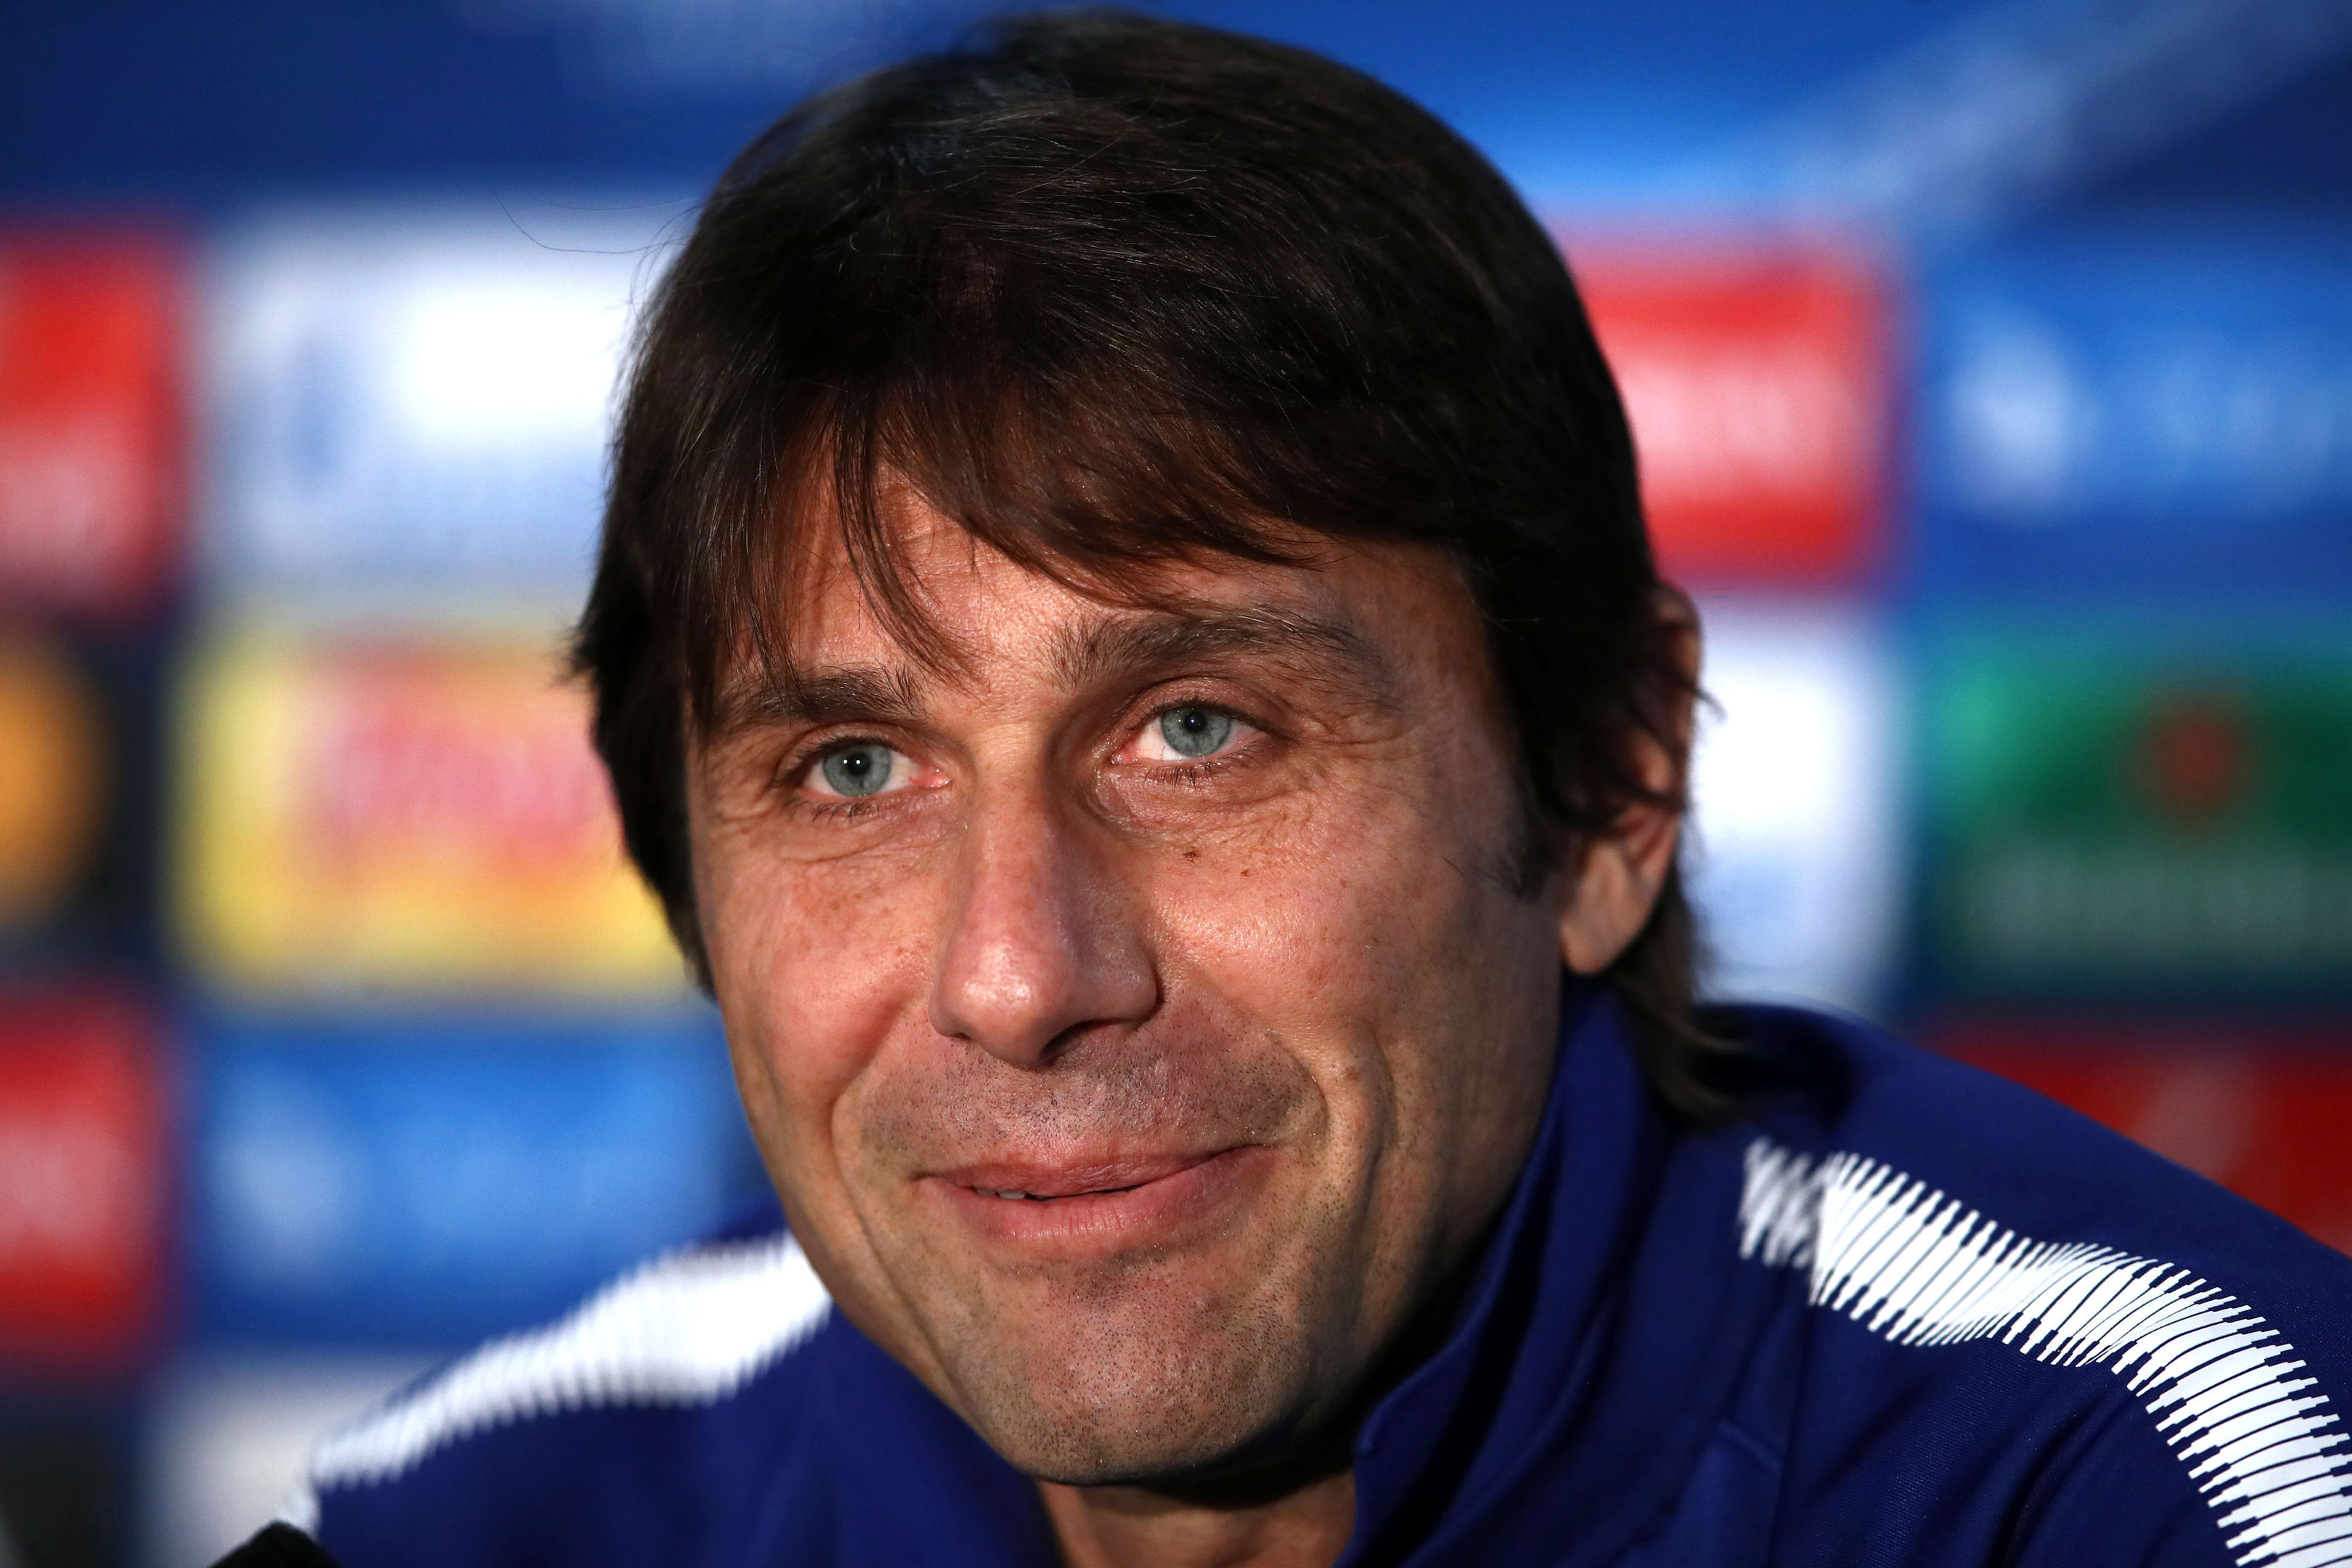 Chelsea manager Antonio Conte. (John Walton/PA Wire)